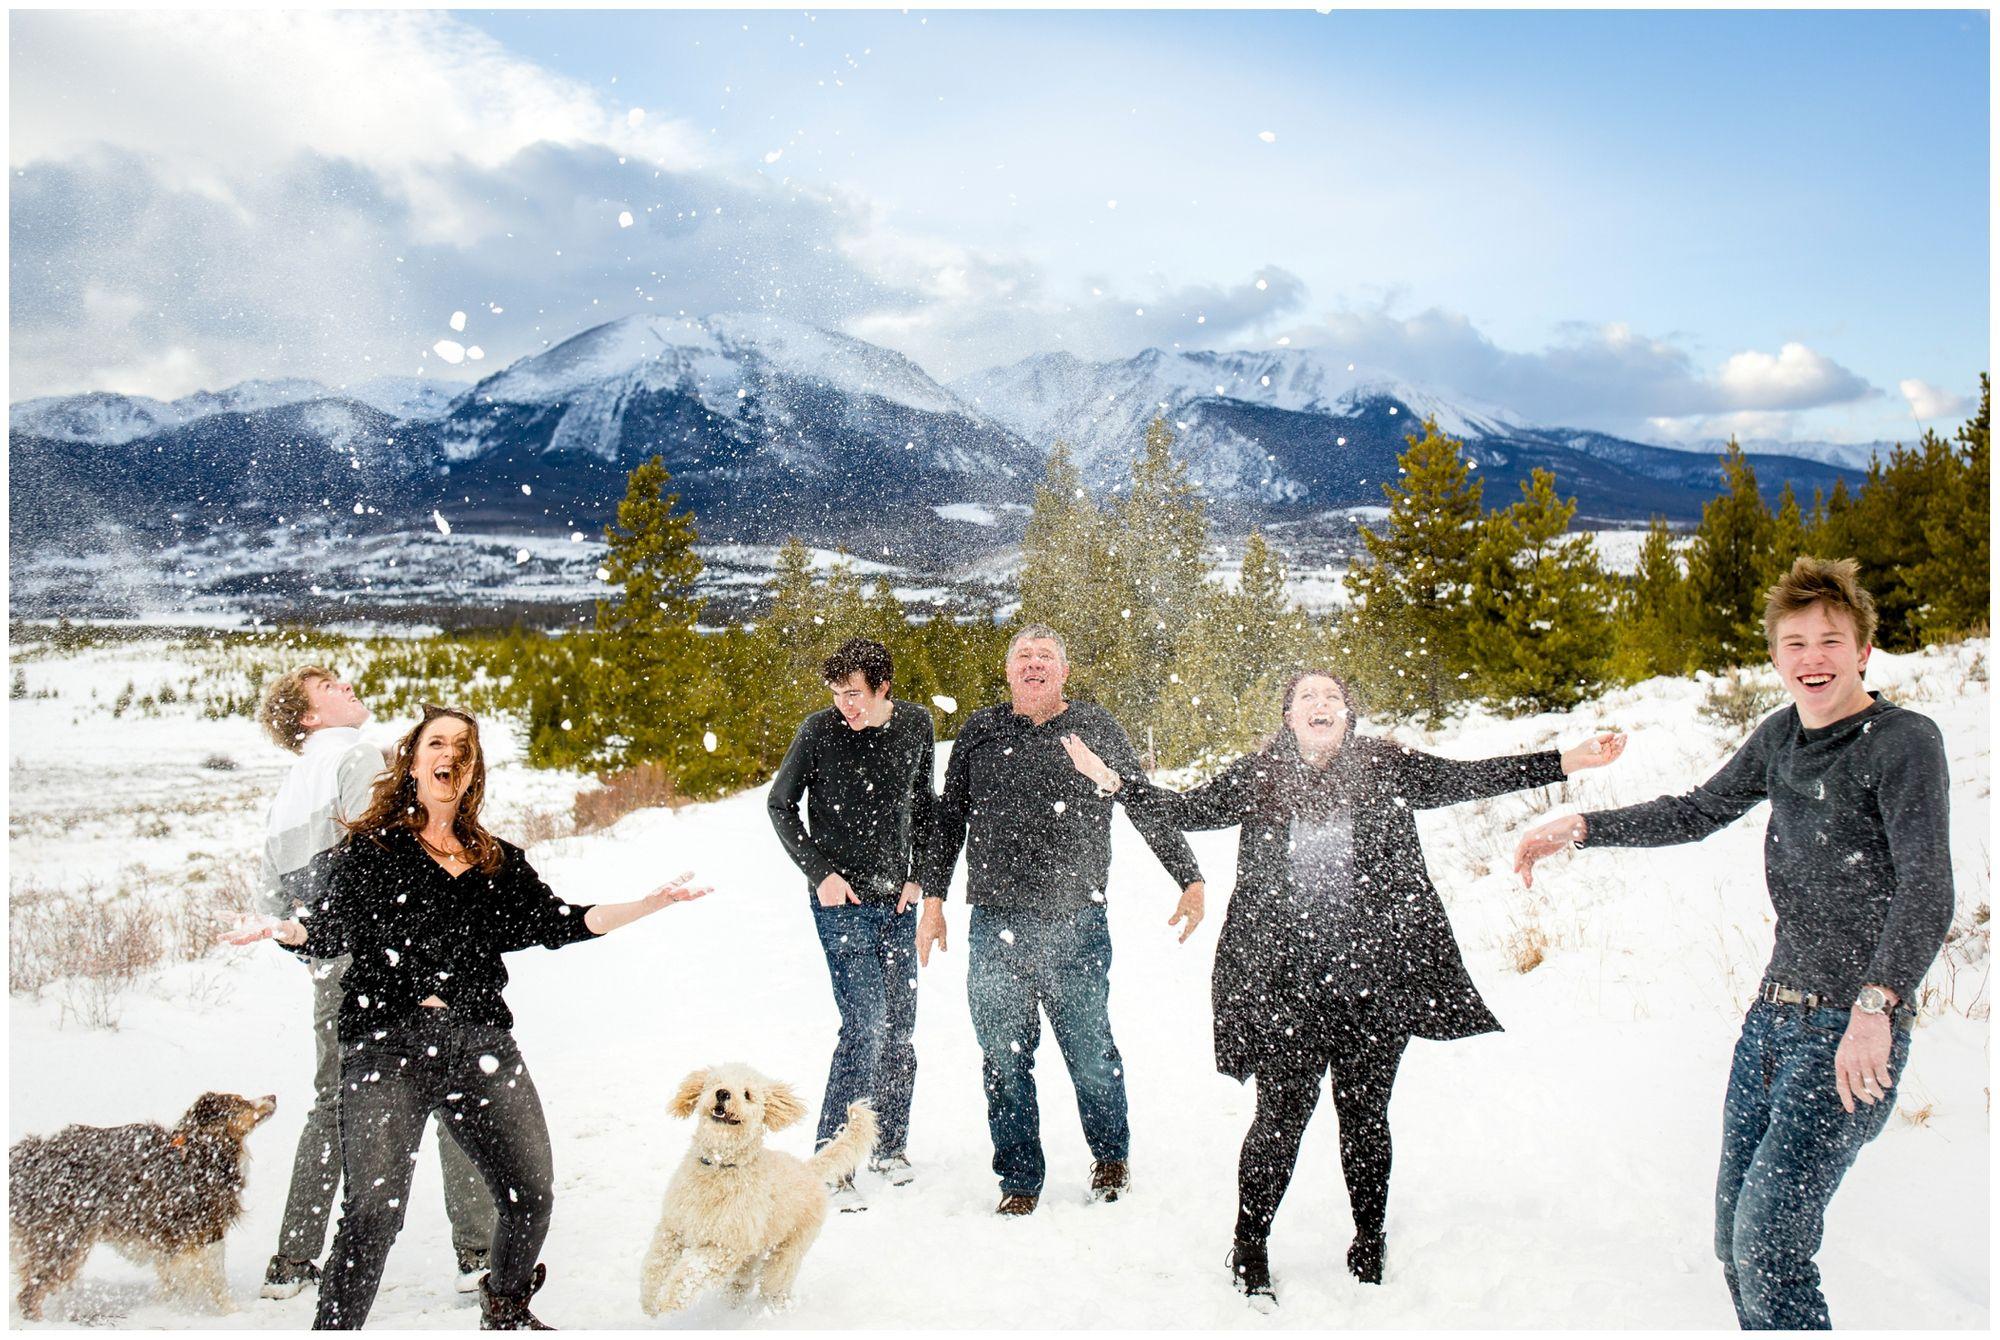 Breckenridge Family Portrait Photographer #winterfamilyphotography